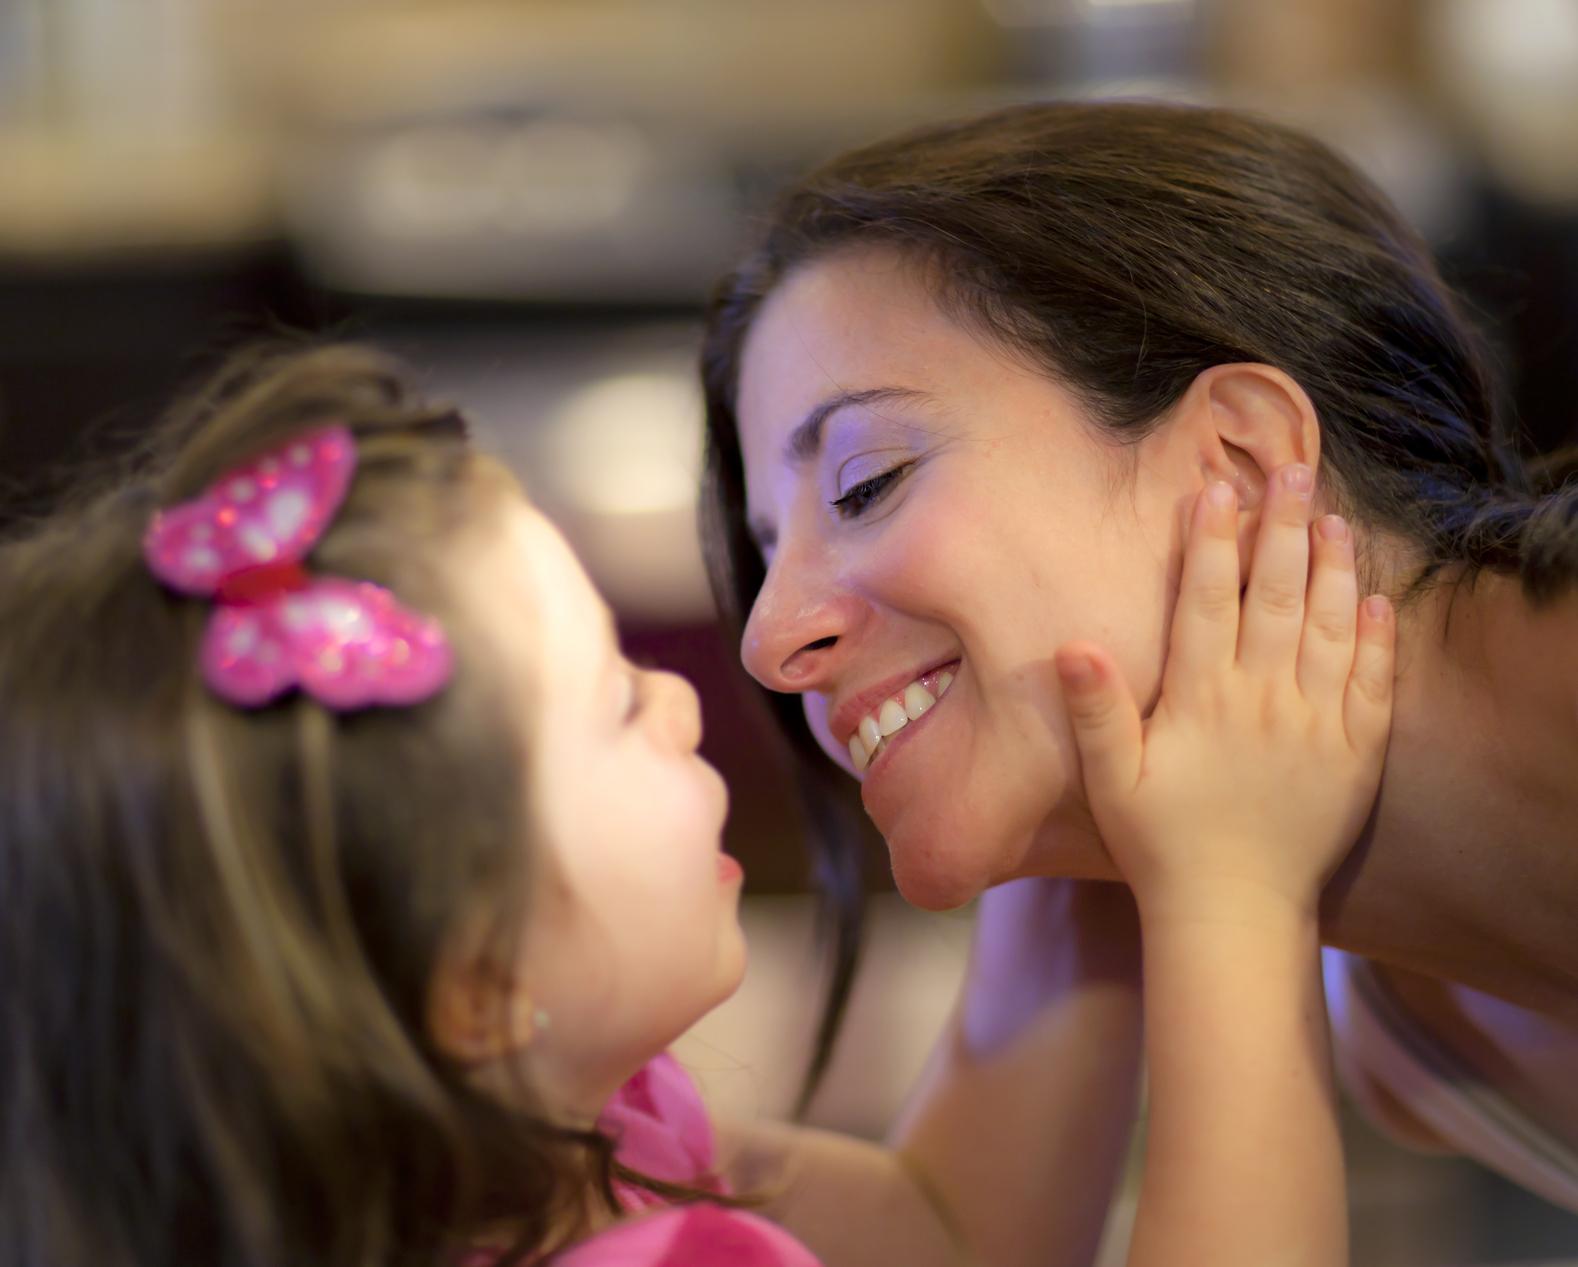 Видео ласк взрослых мам